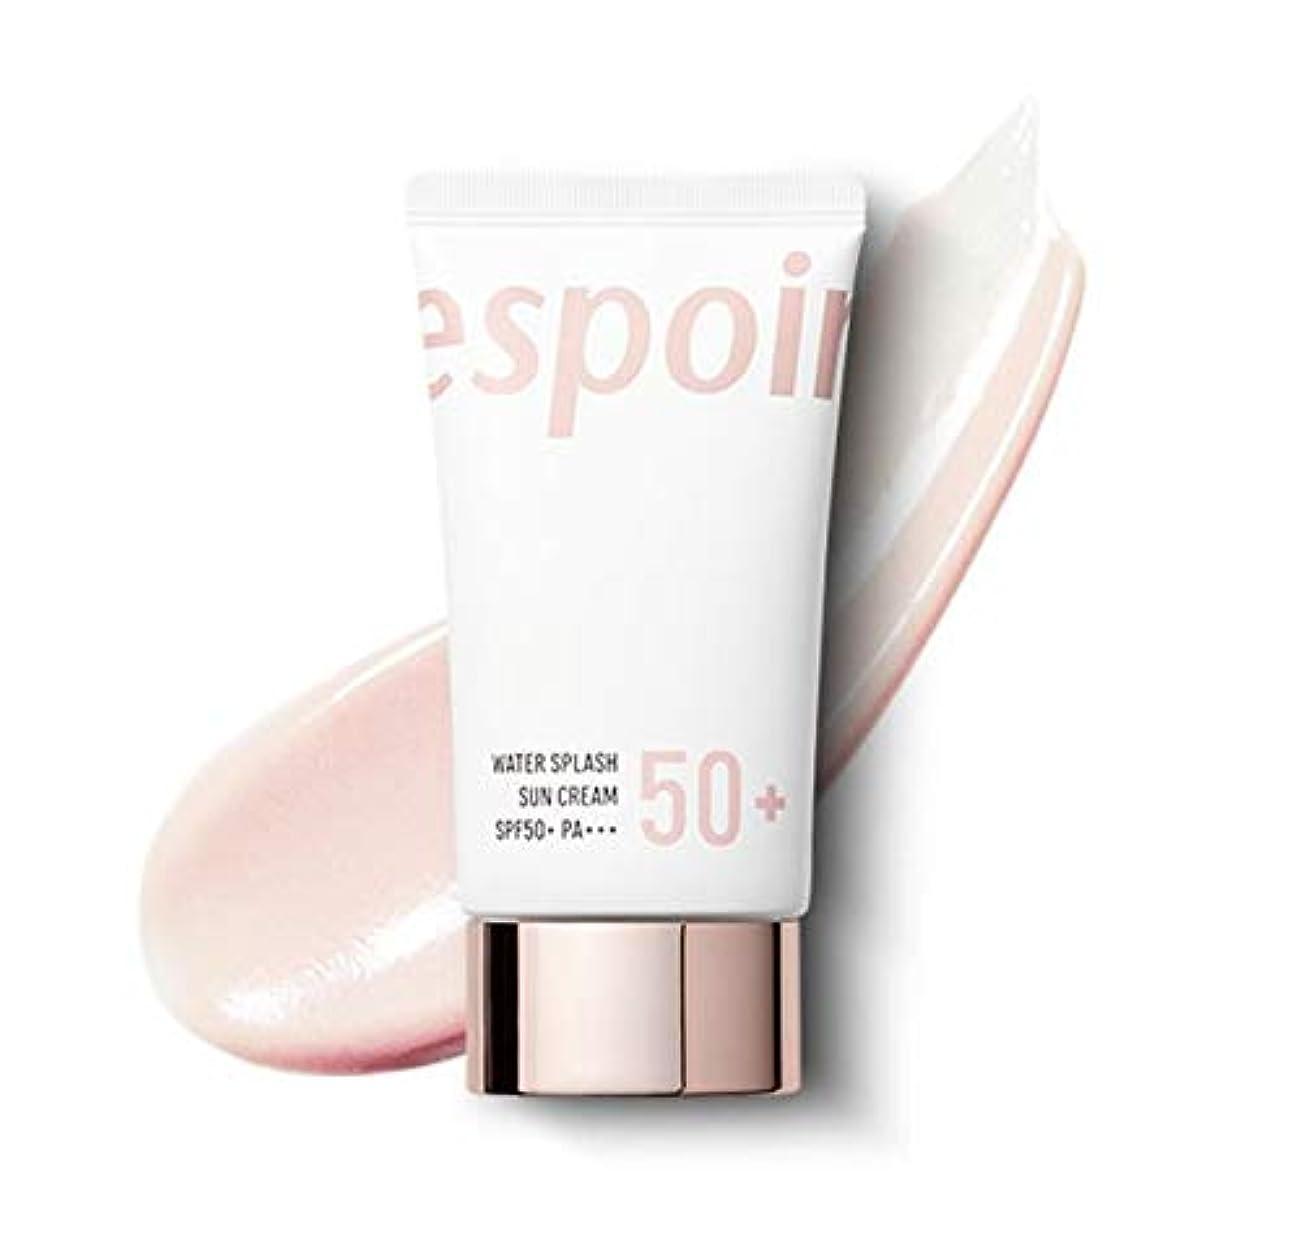 アカデミックただやるどこにもeSpoir Water Splash Sun Cream SPF50+PA+++ (R) / エスポワール ウォータースプラッシュ サンクリーム 60ml [並行輸入品]